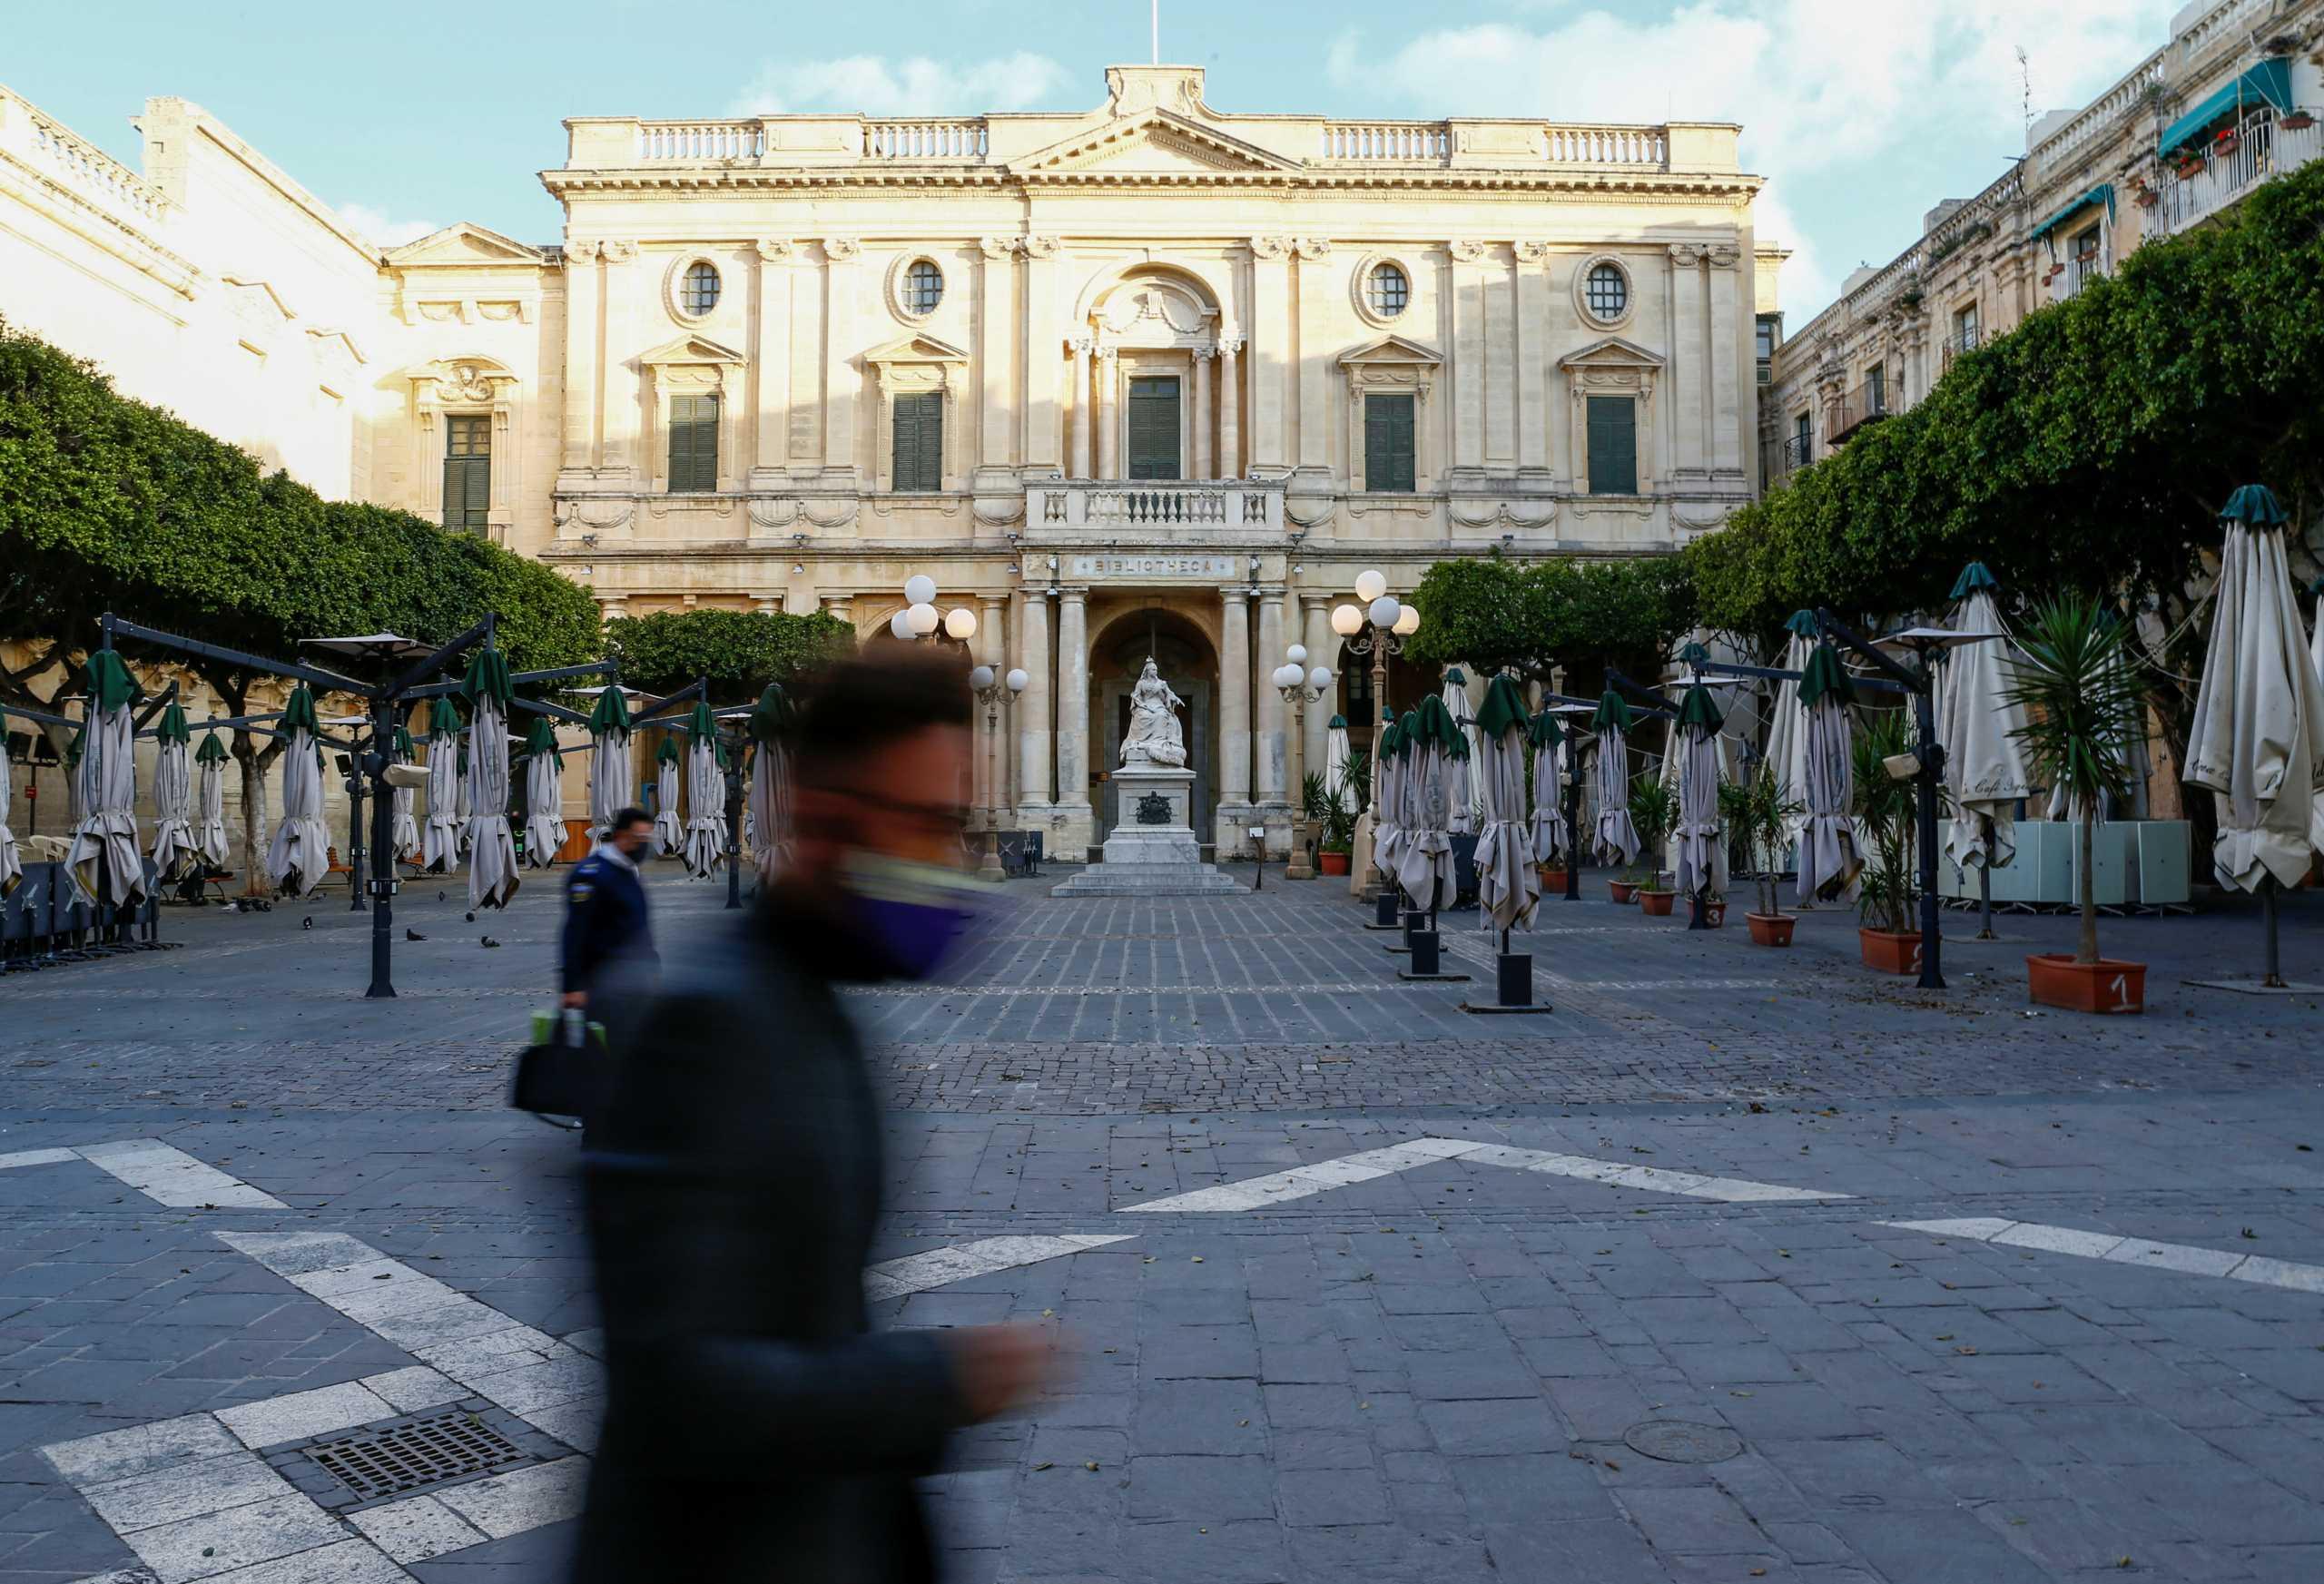 Η Μάλτα αυστηροποιεί τα μέτρα για τον κορονοϊό εν όψει Πάσχα